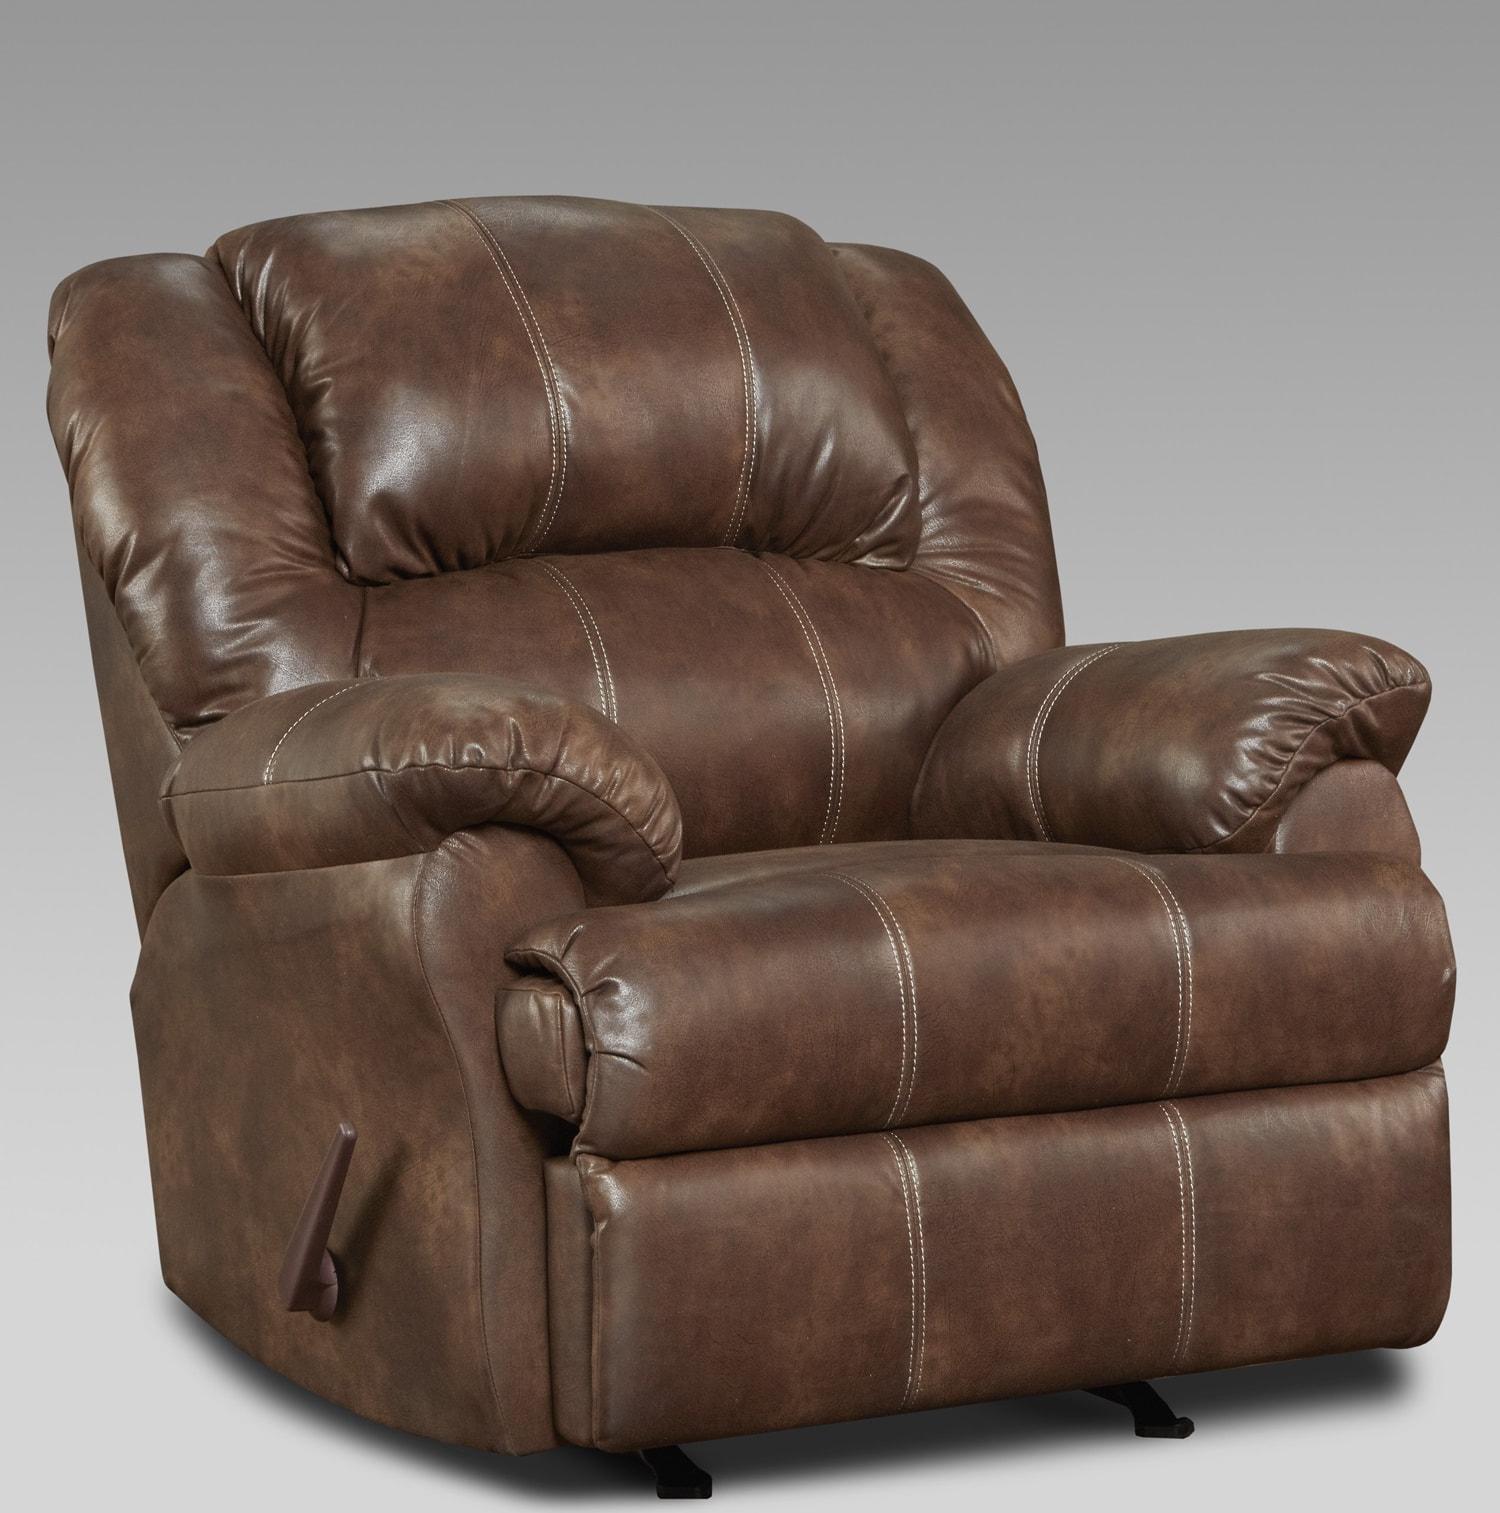 Affordable Furniture 2001